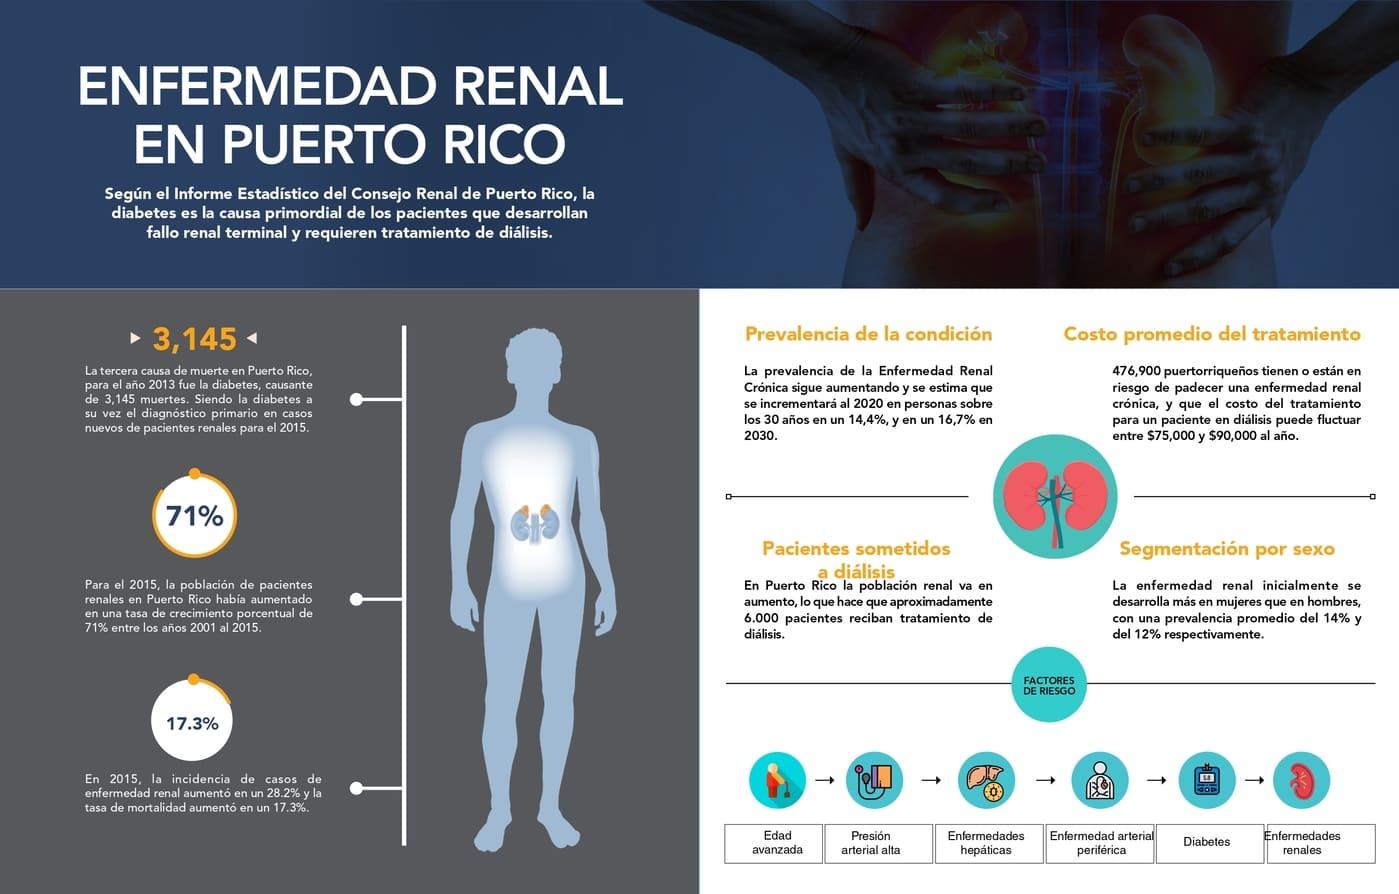 Infografía sobre la Enfermedad Renal en Puerto Rico